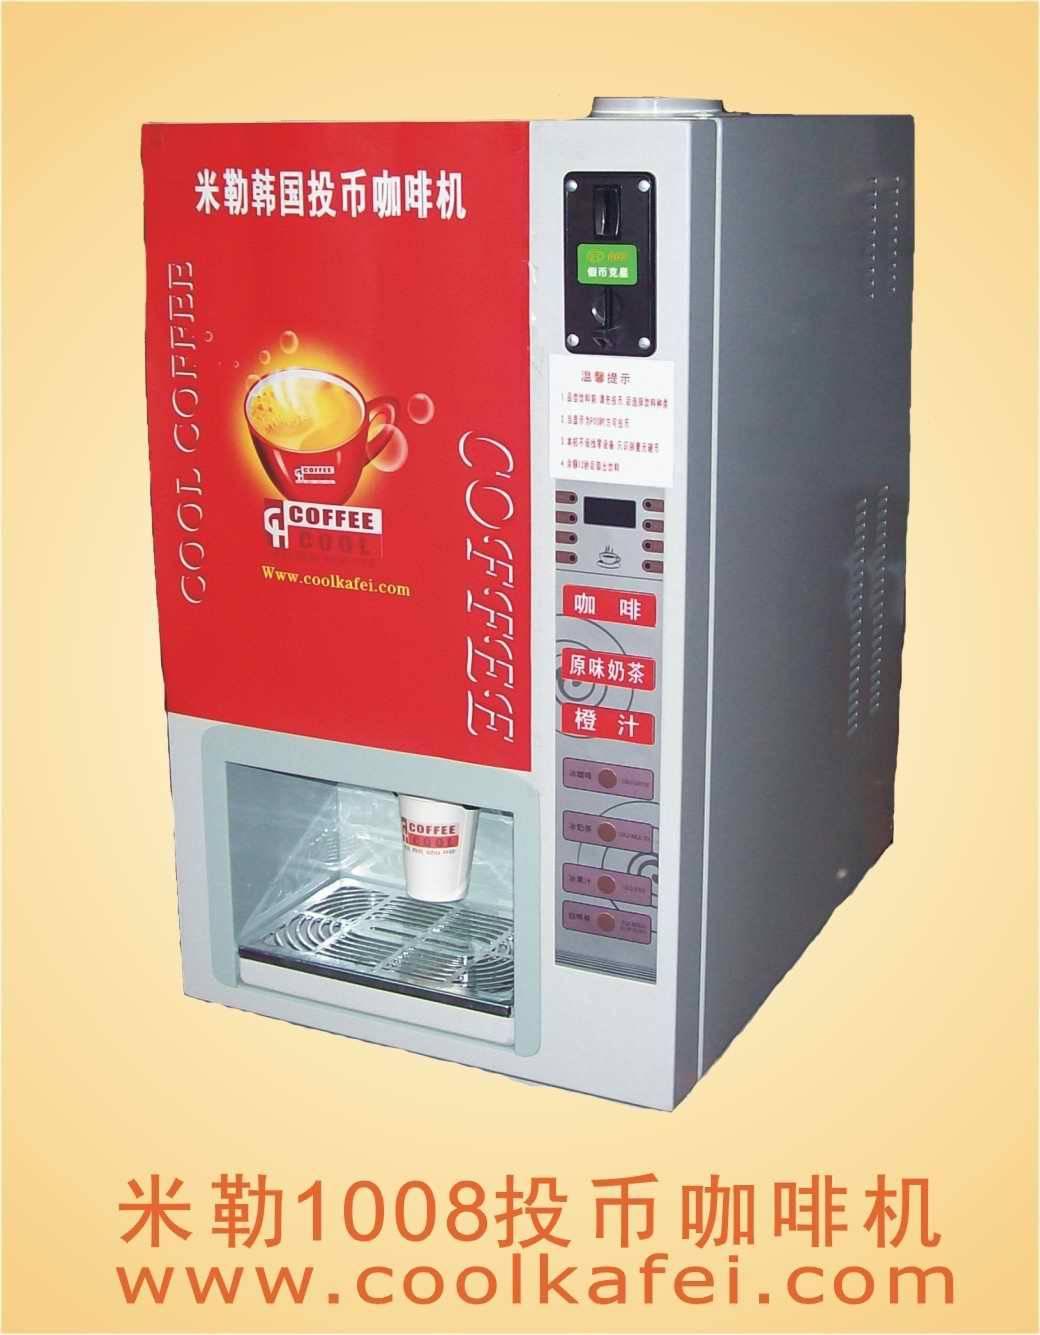 韩国全自动投币咖啡机